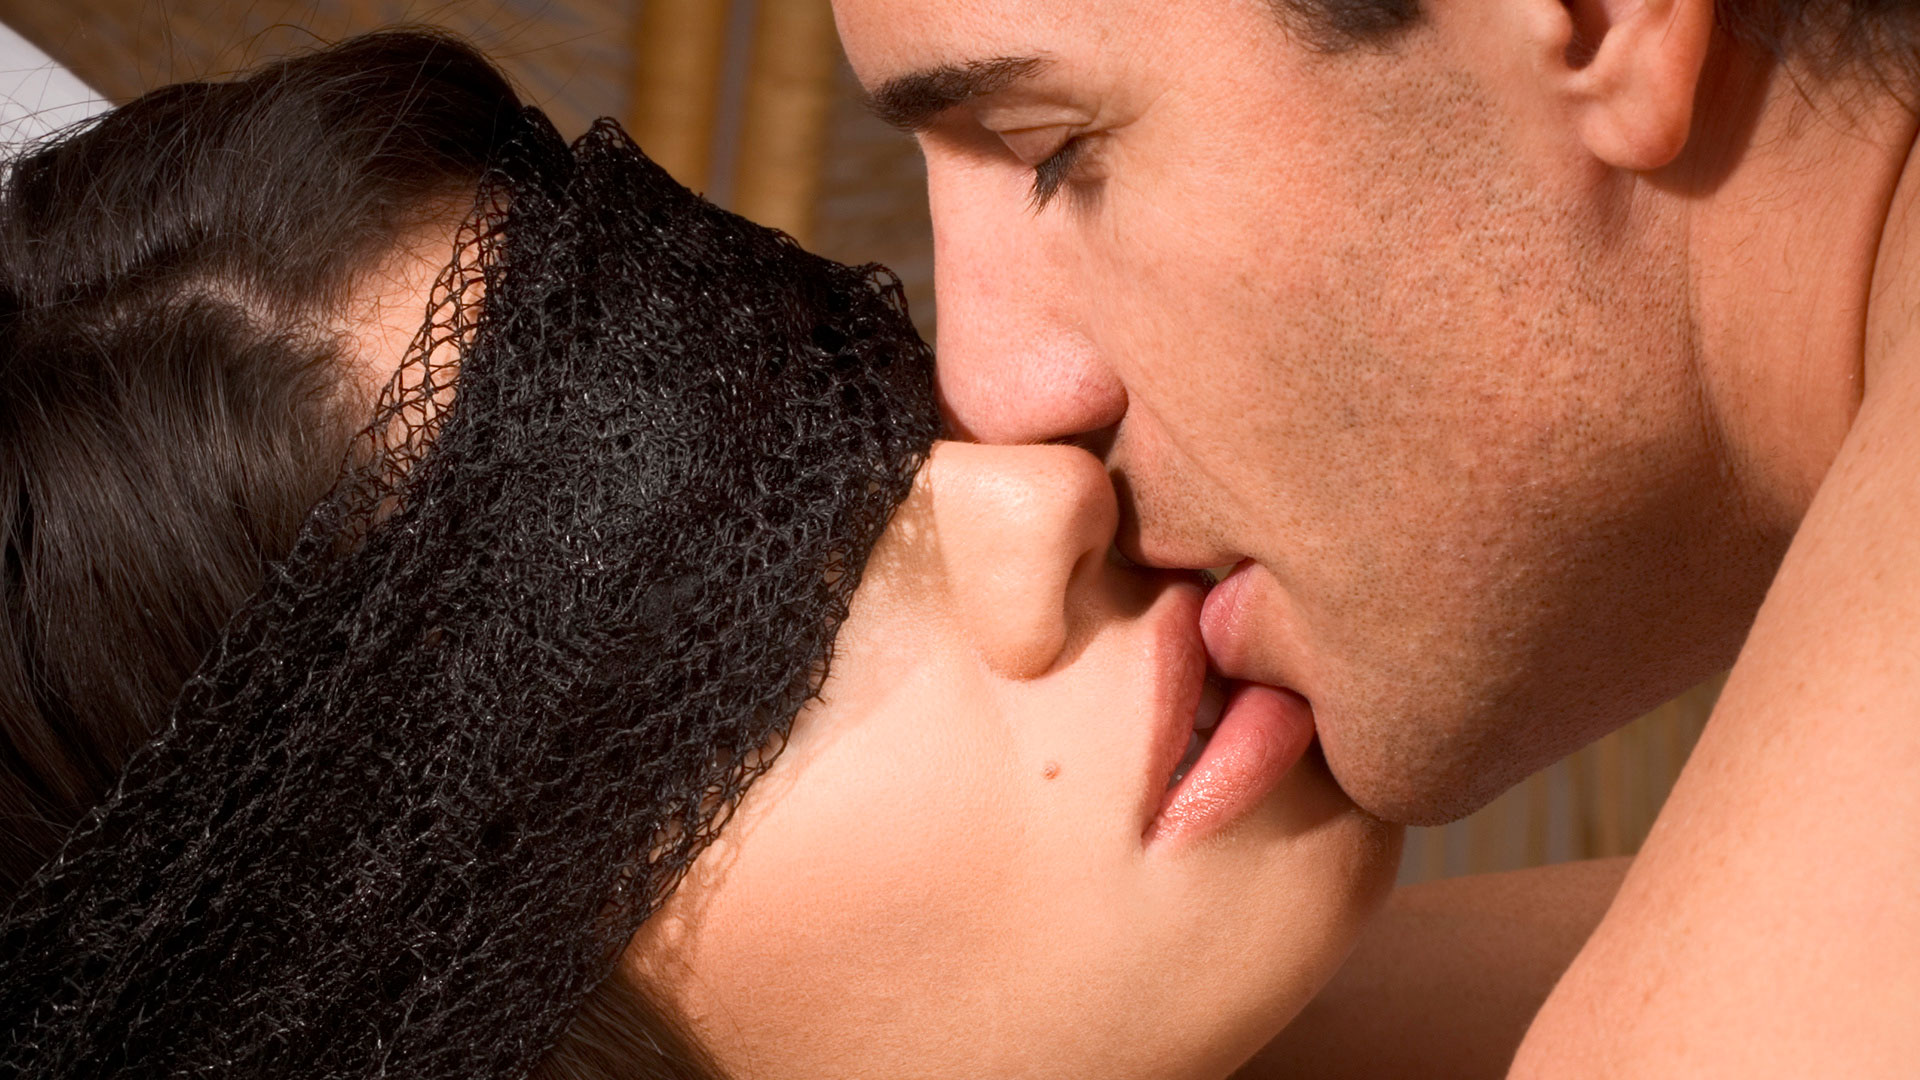 Утверждение 2. Секс с завязанными глазами считается более ярким и